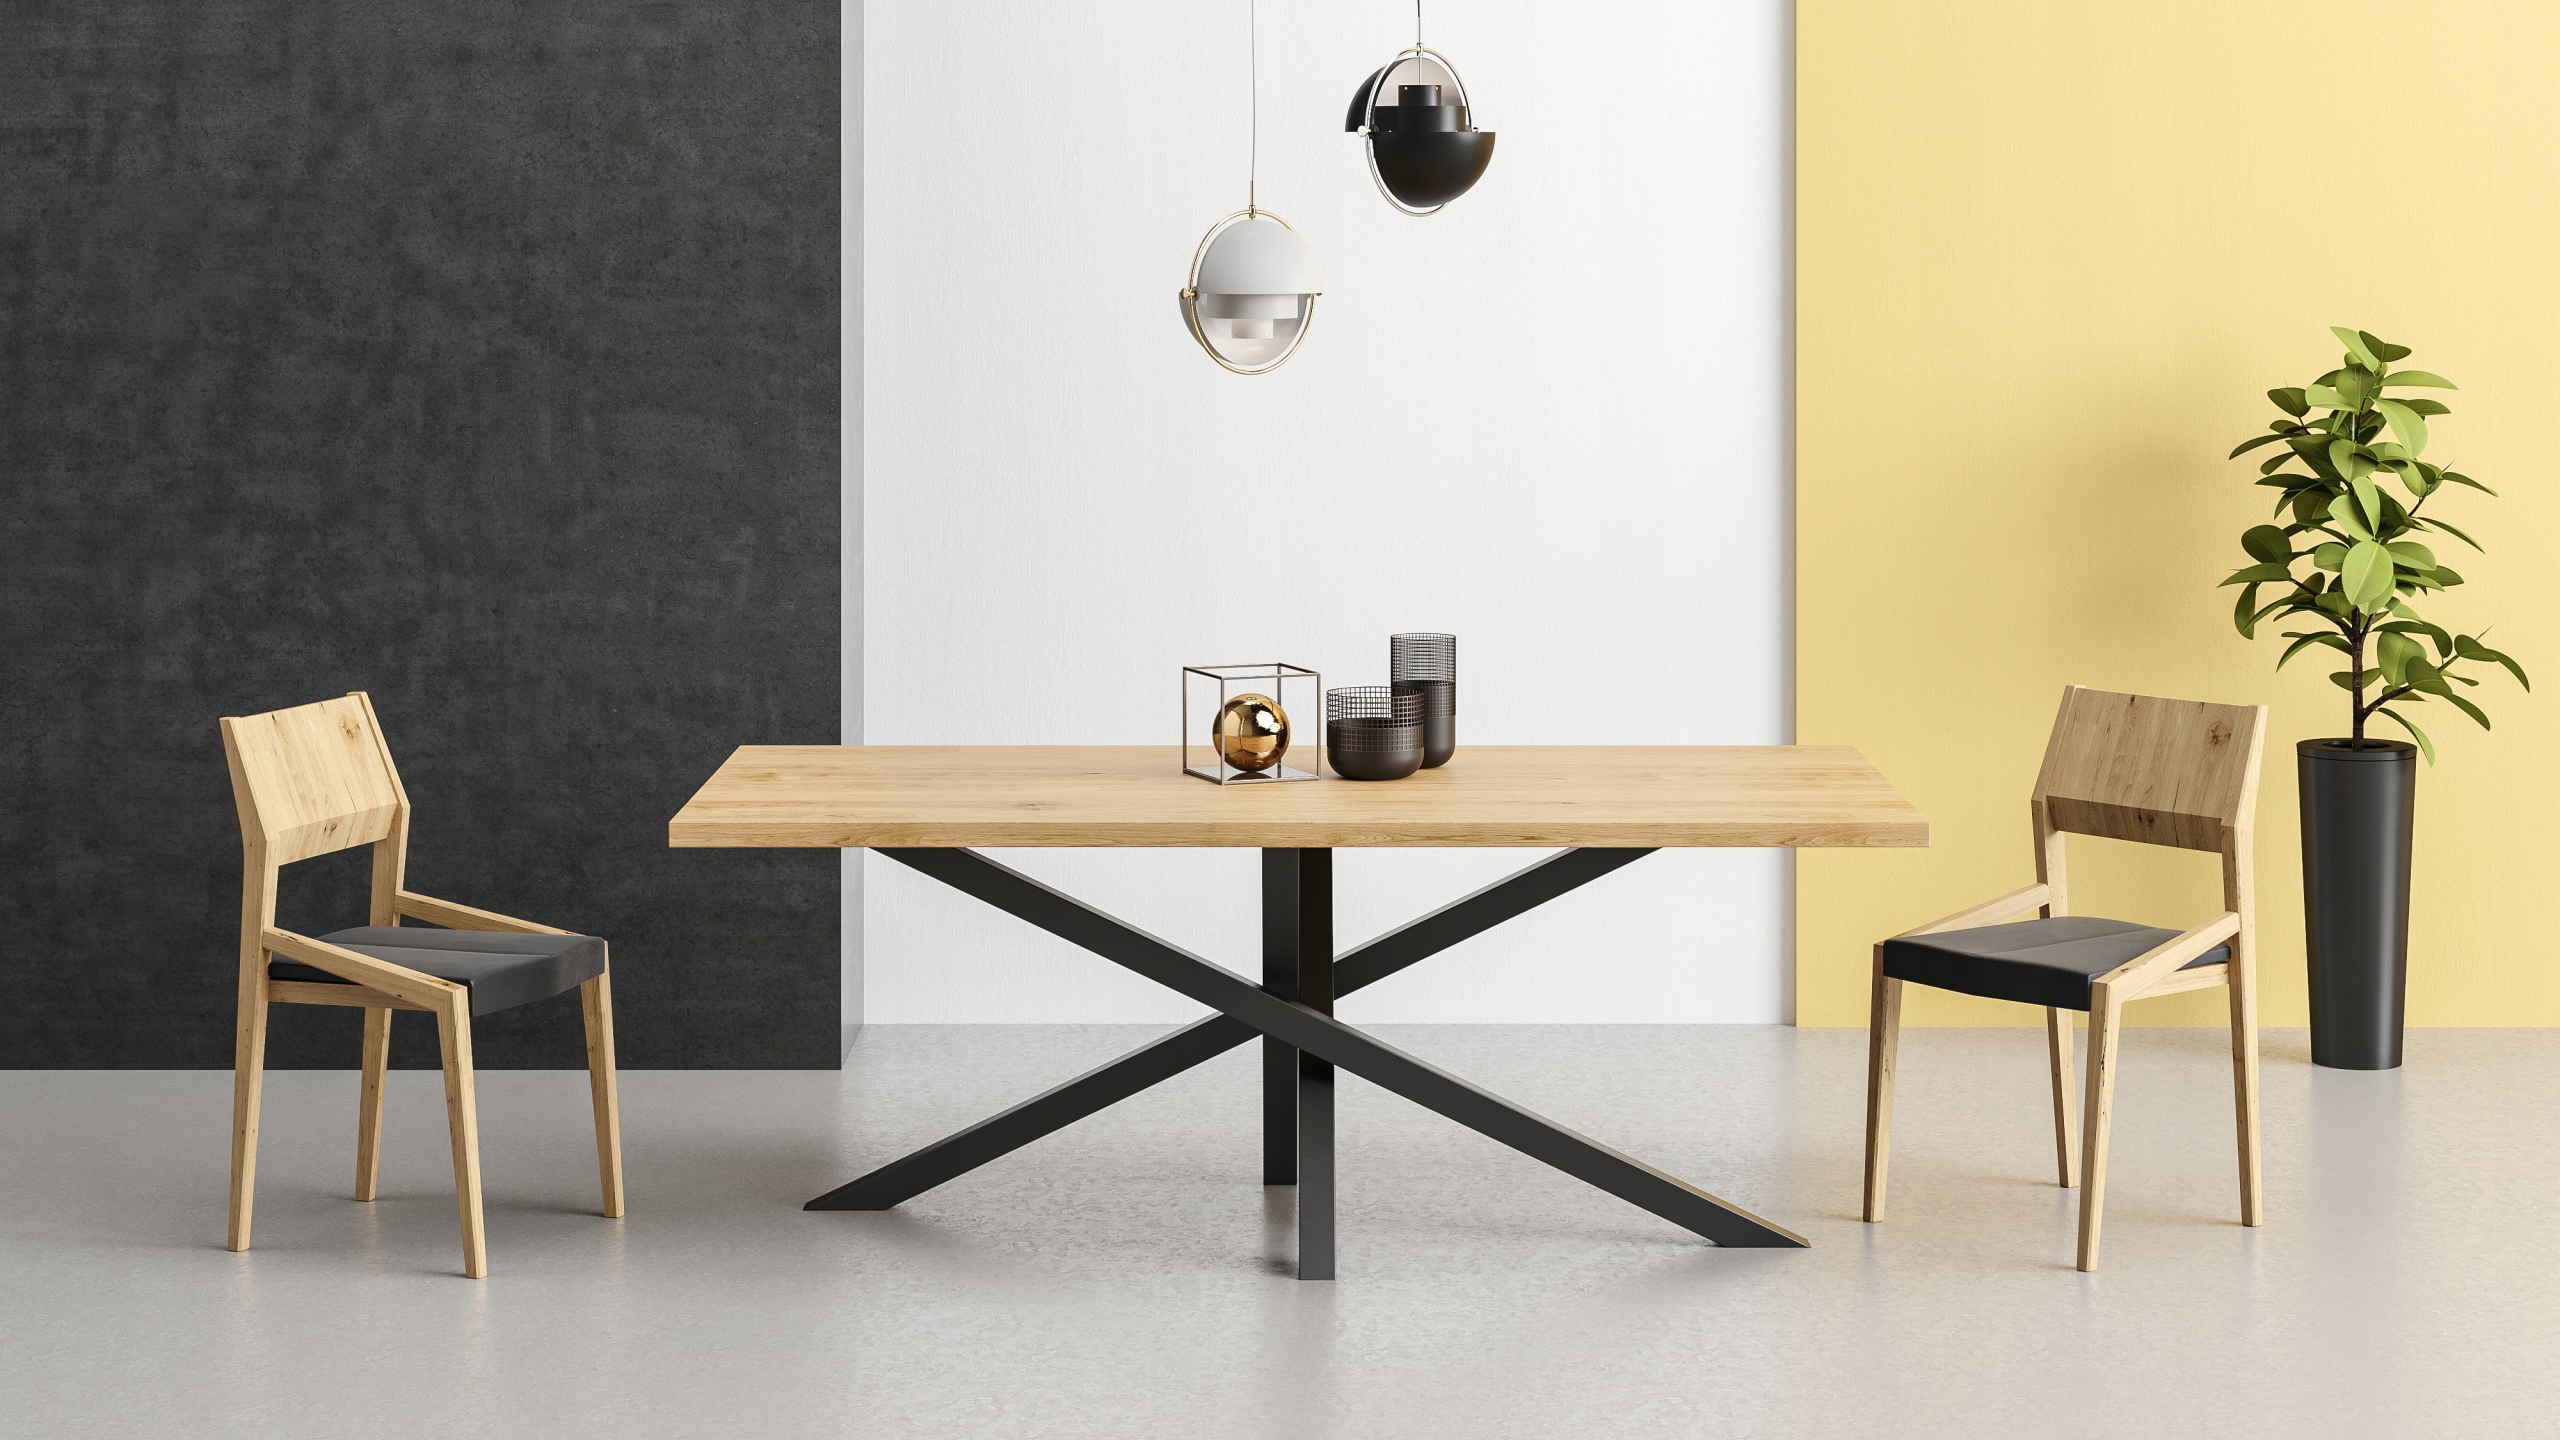 SLANT 100x140 RETRO LOFT kuchynský stôl do jedálne